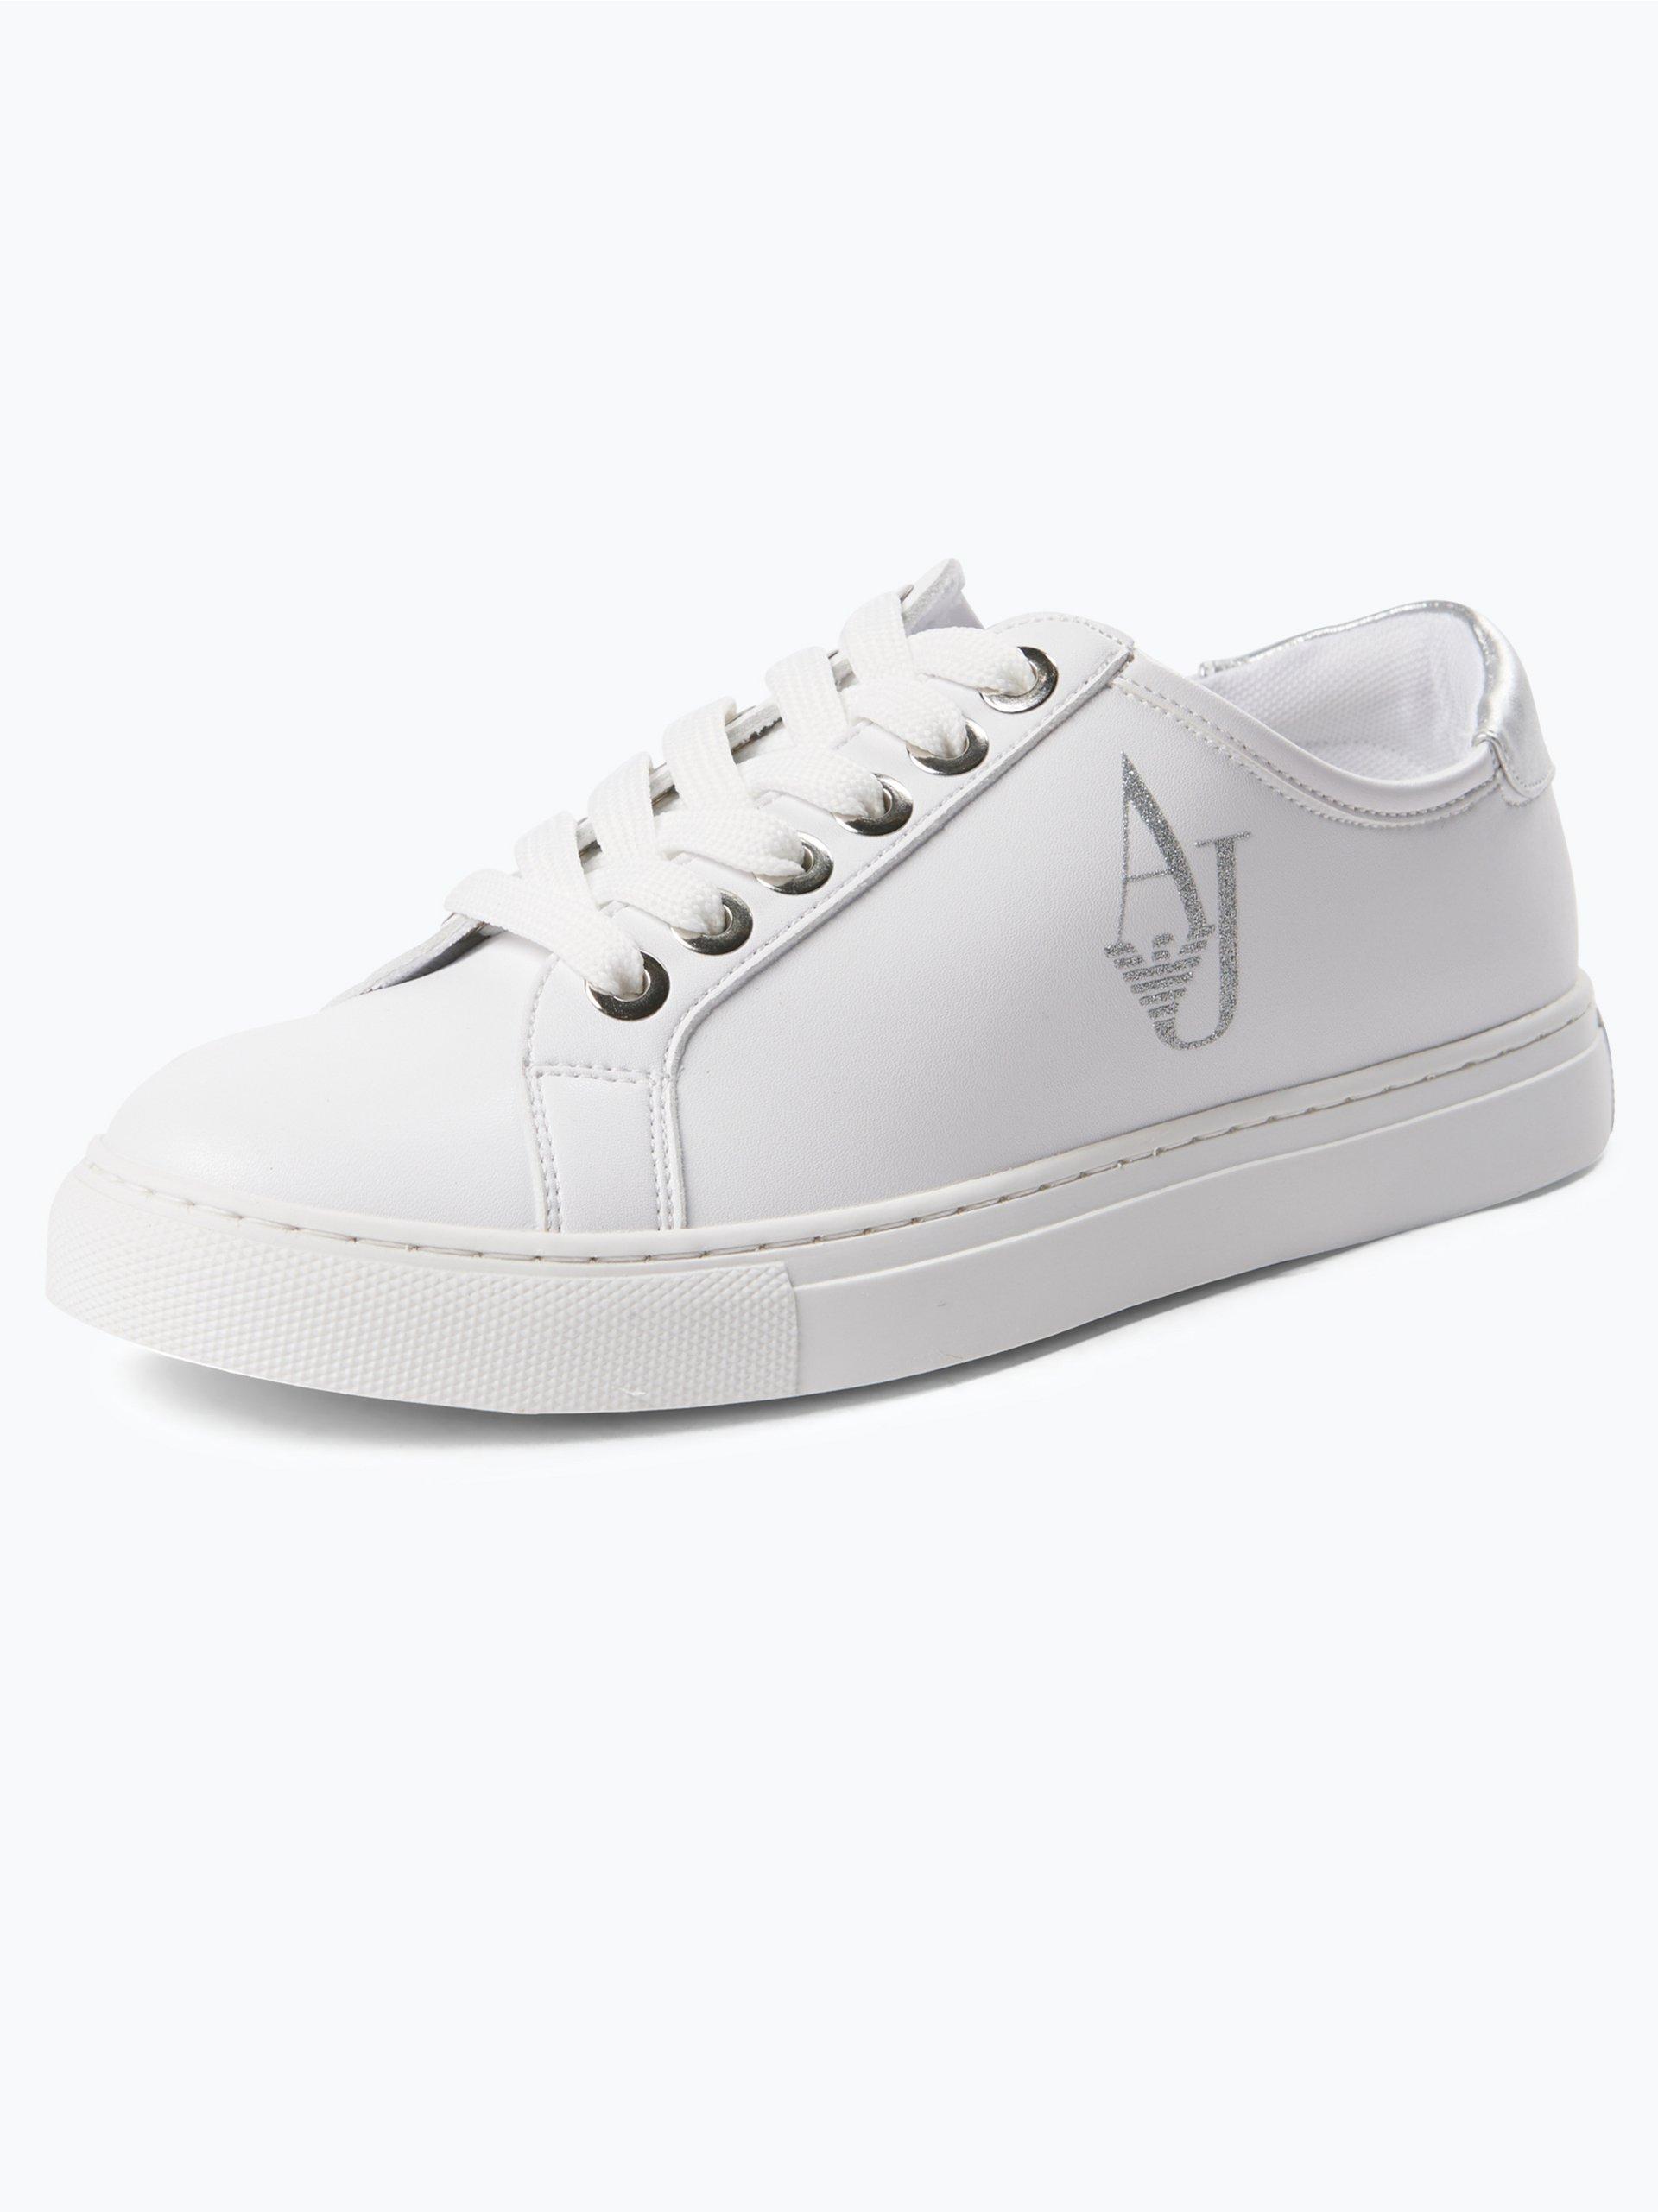 Armani Jeans Damen Sneaker in Leder-Optik